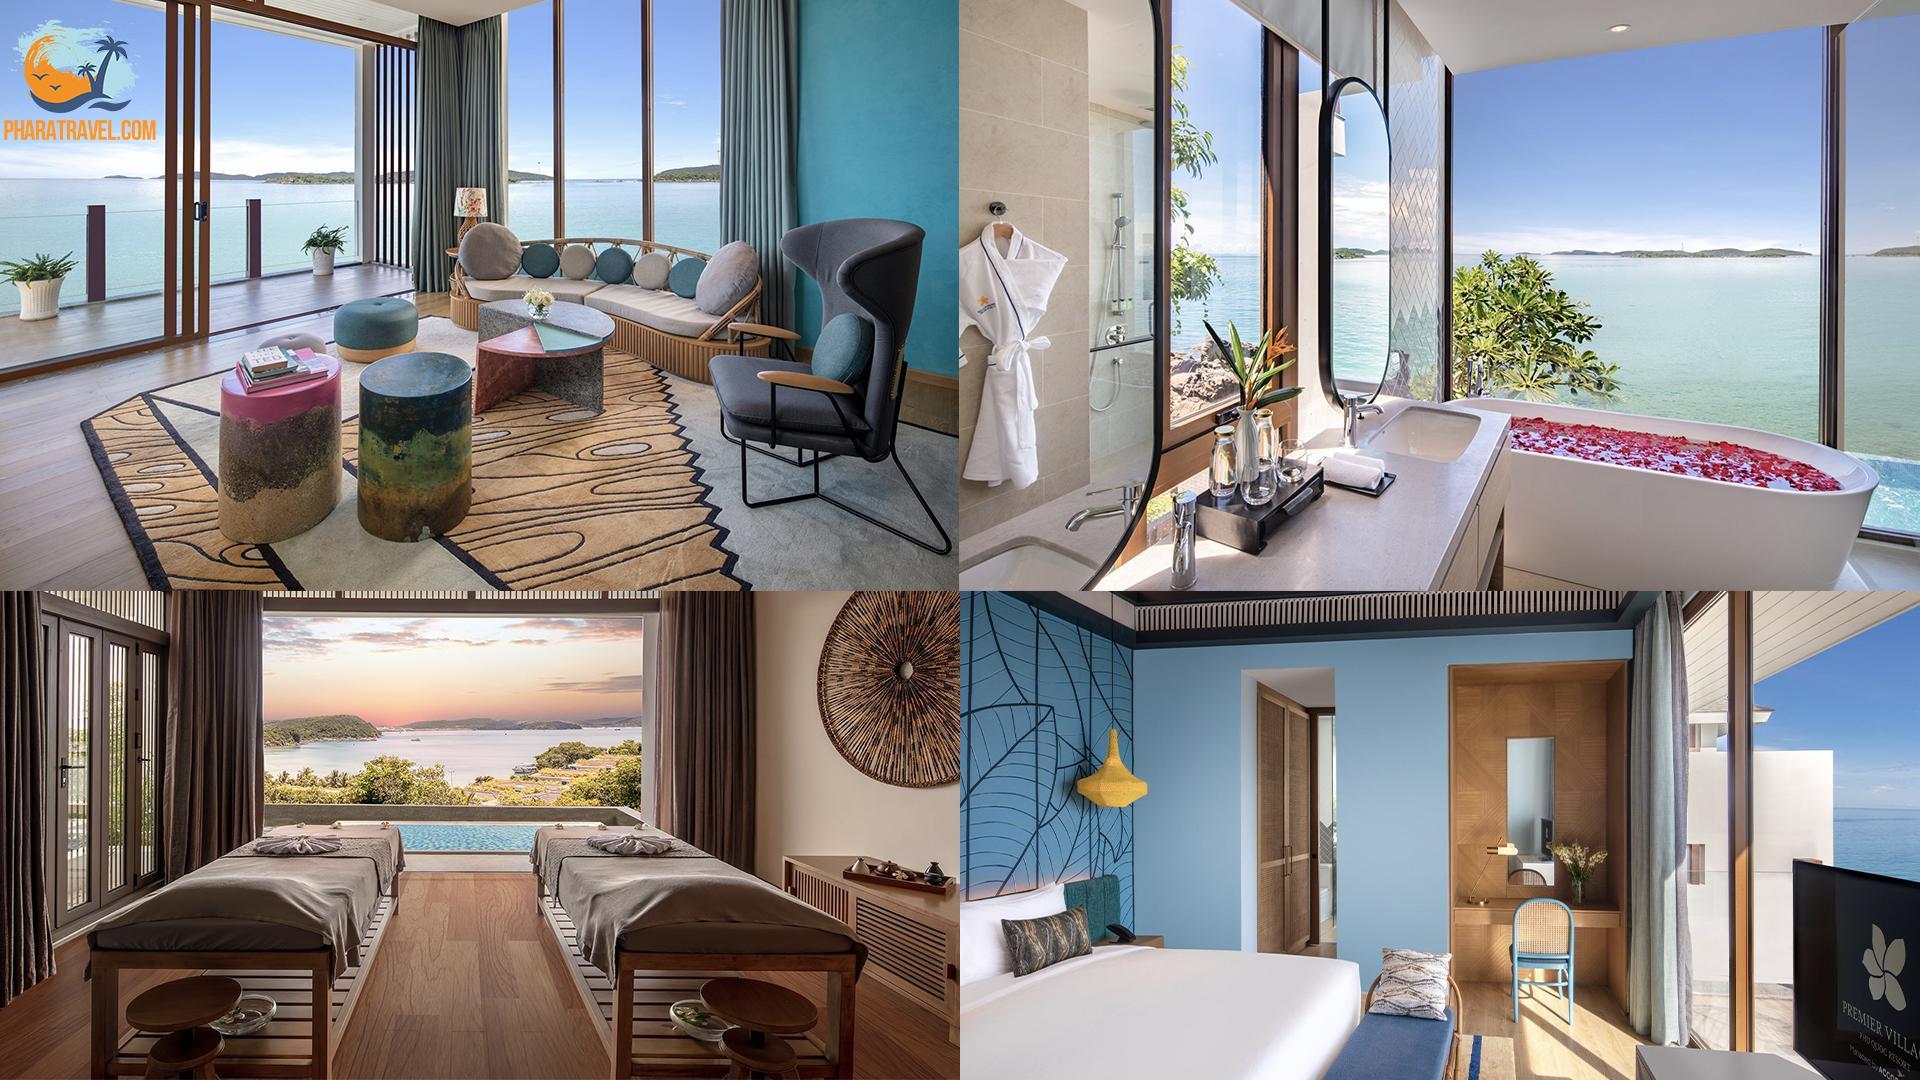 Top 20 biệt thự villa Phú Quốc giá rẻ gần biển có cho thuê nguyên căn